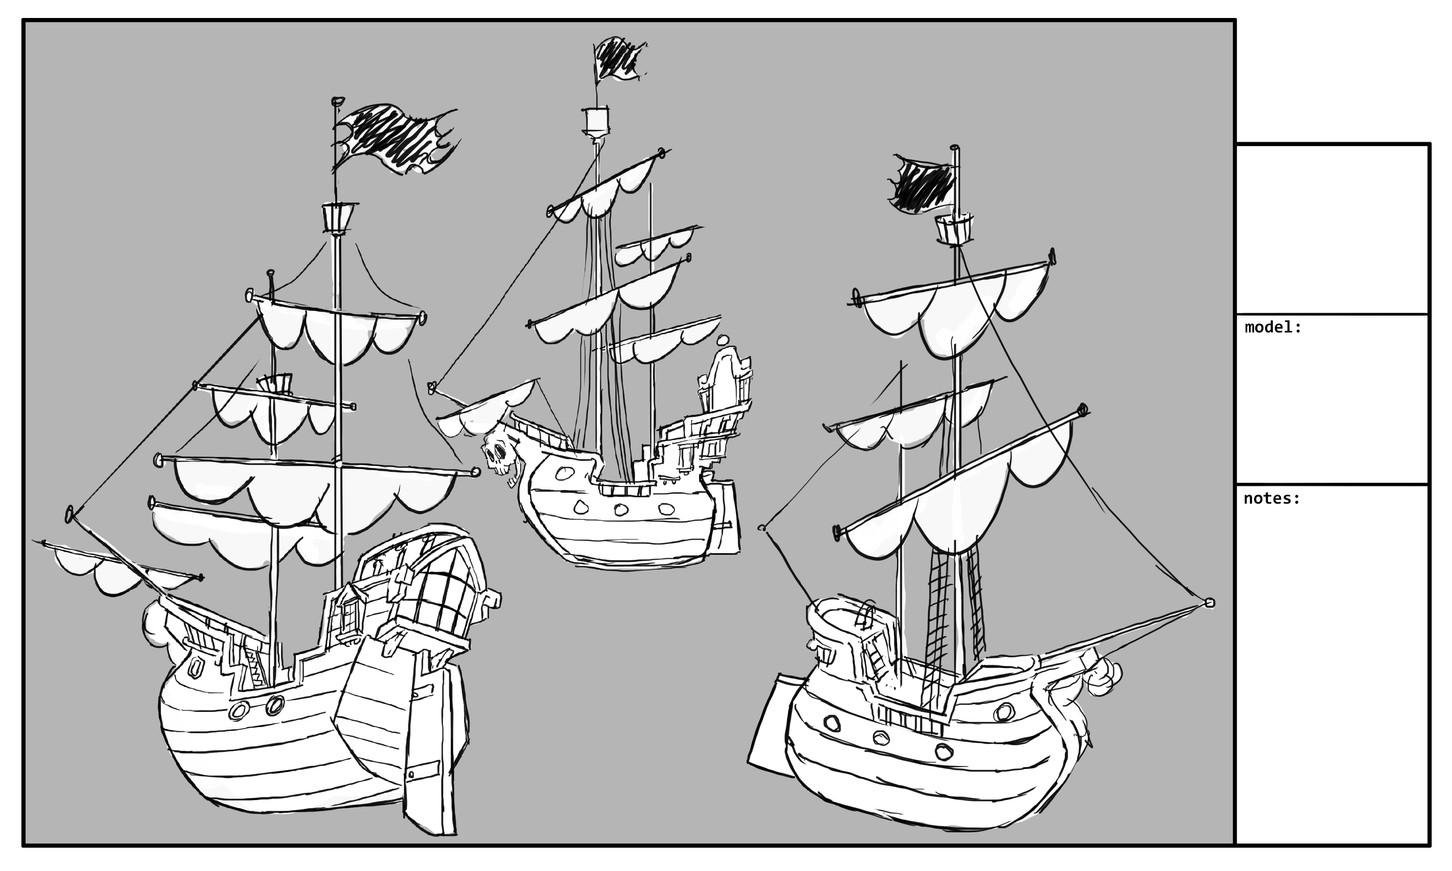 Pirate ship draft